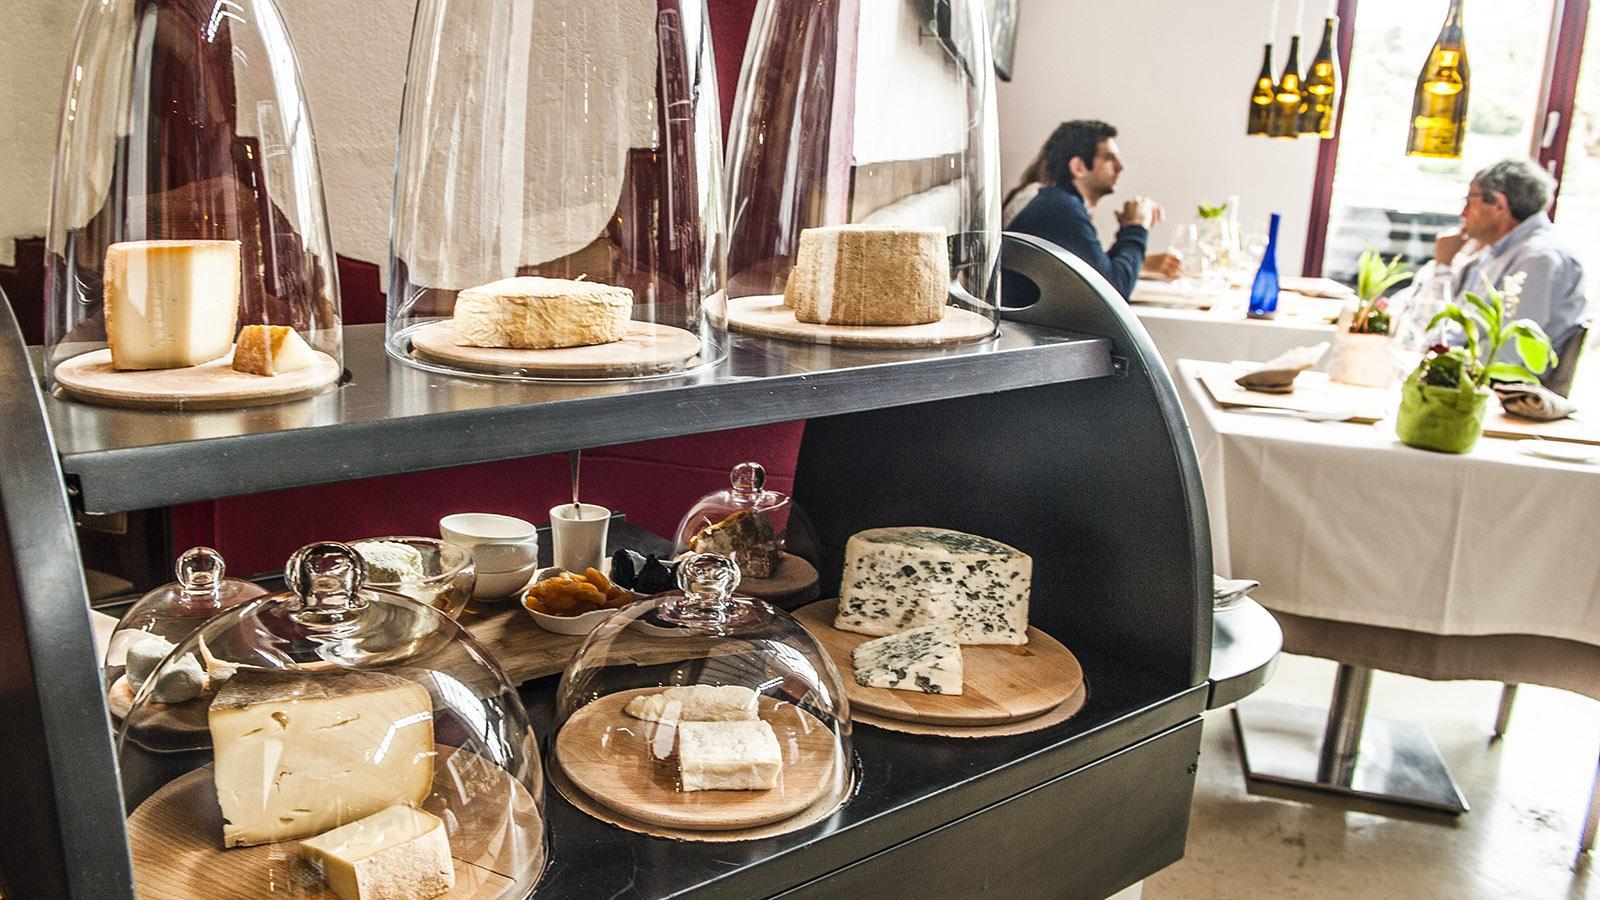 Riberach: die Käseauswahl des Restaurants. Foto: Hilke Maunder